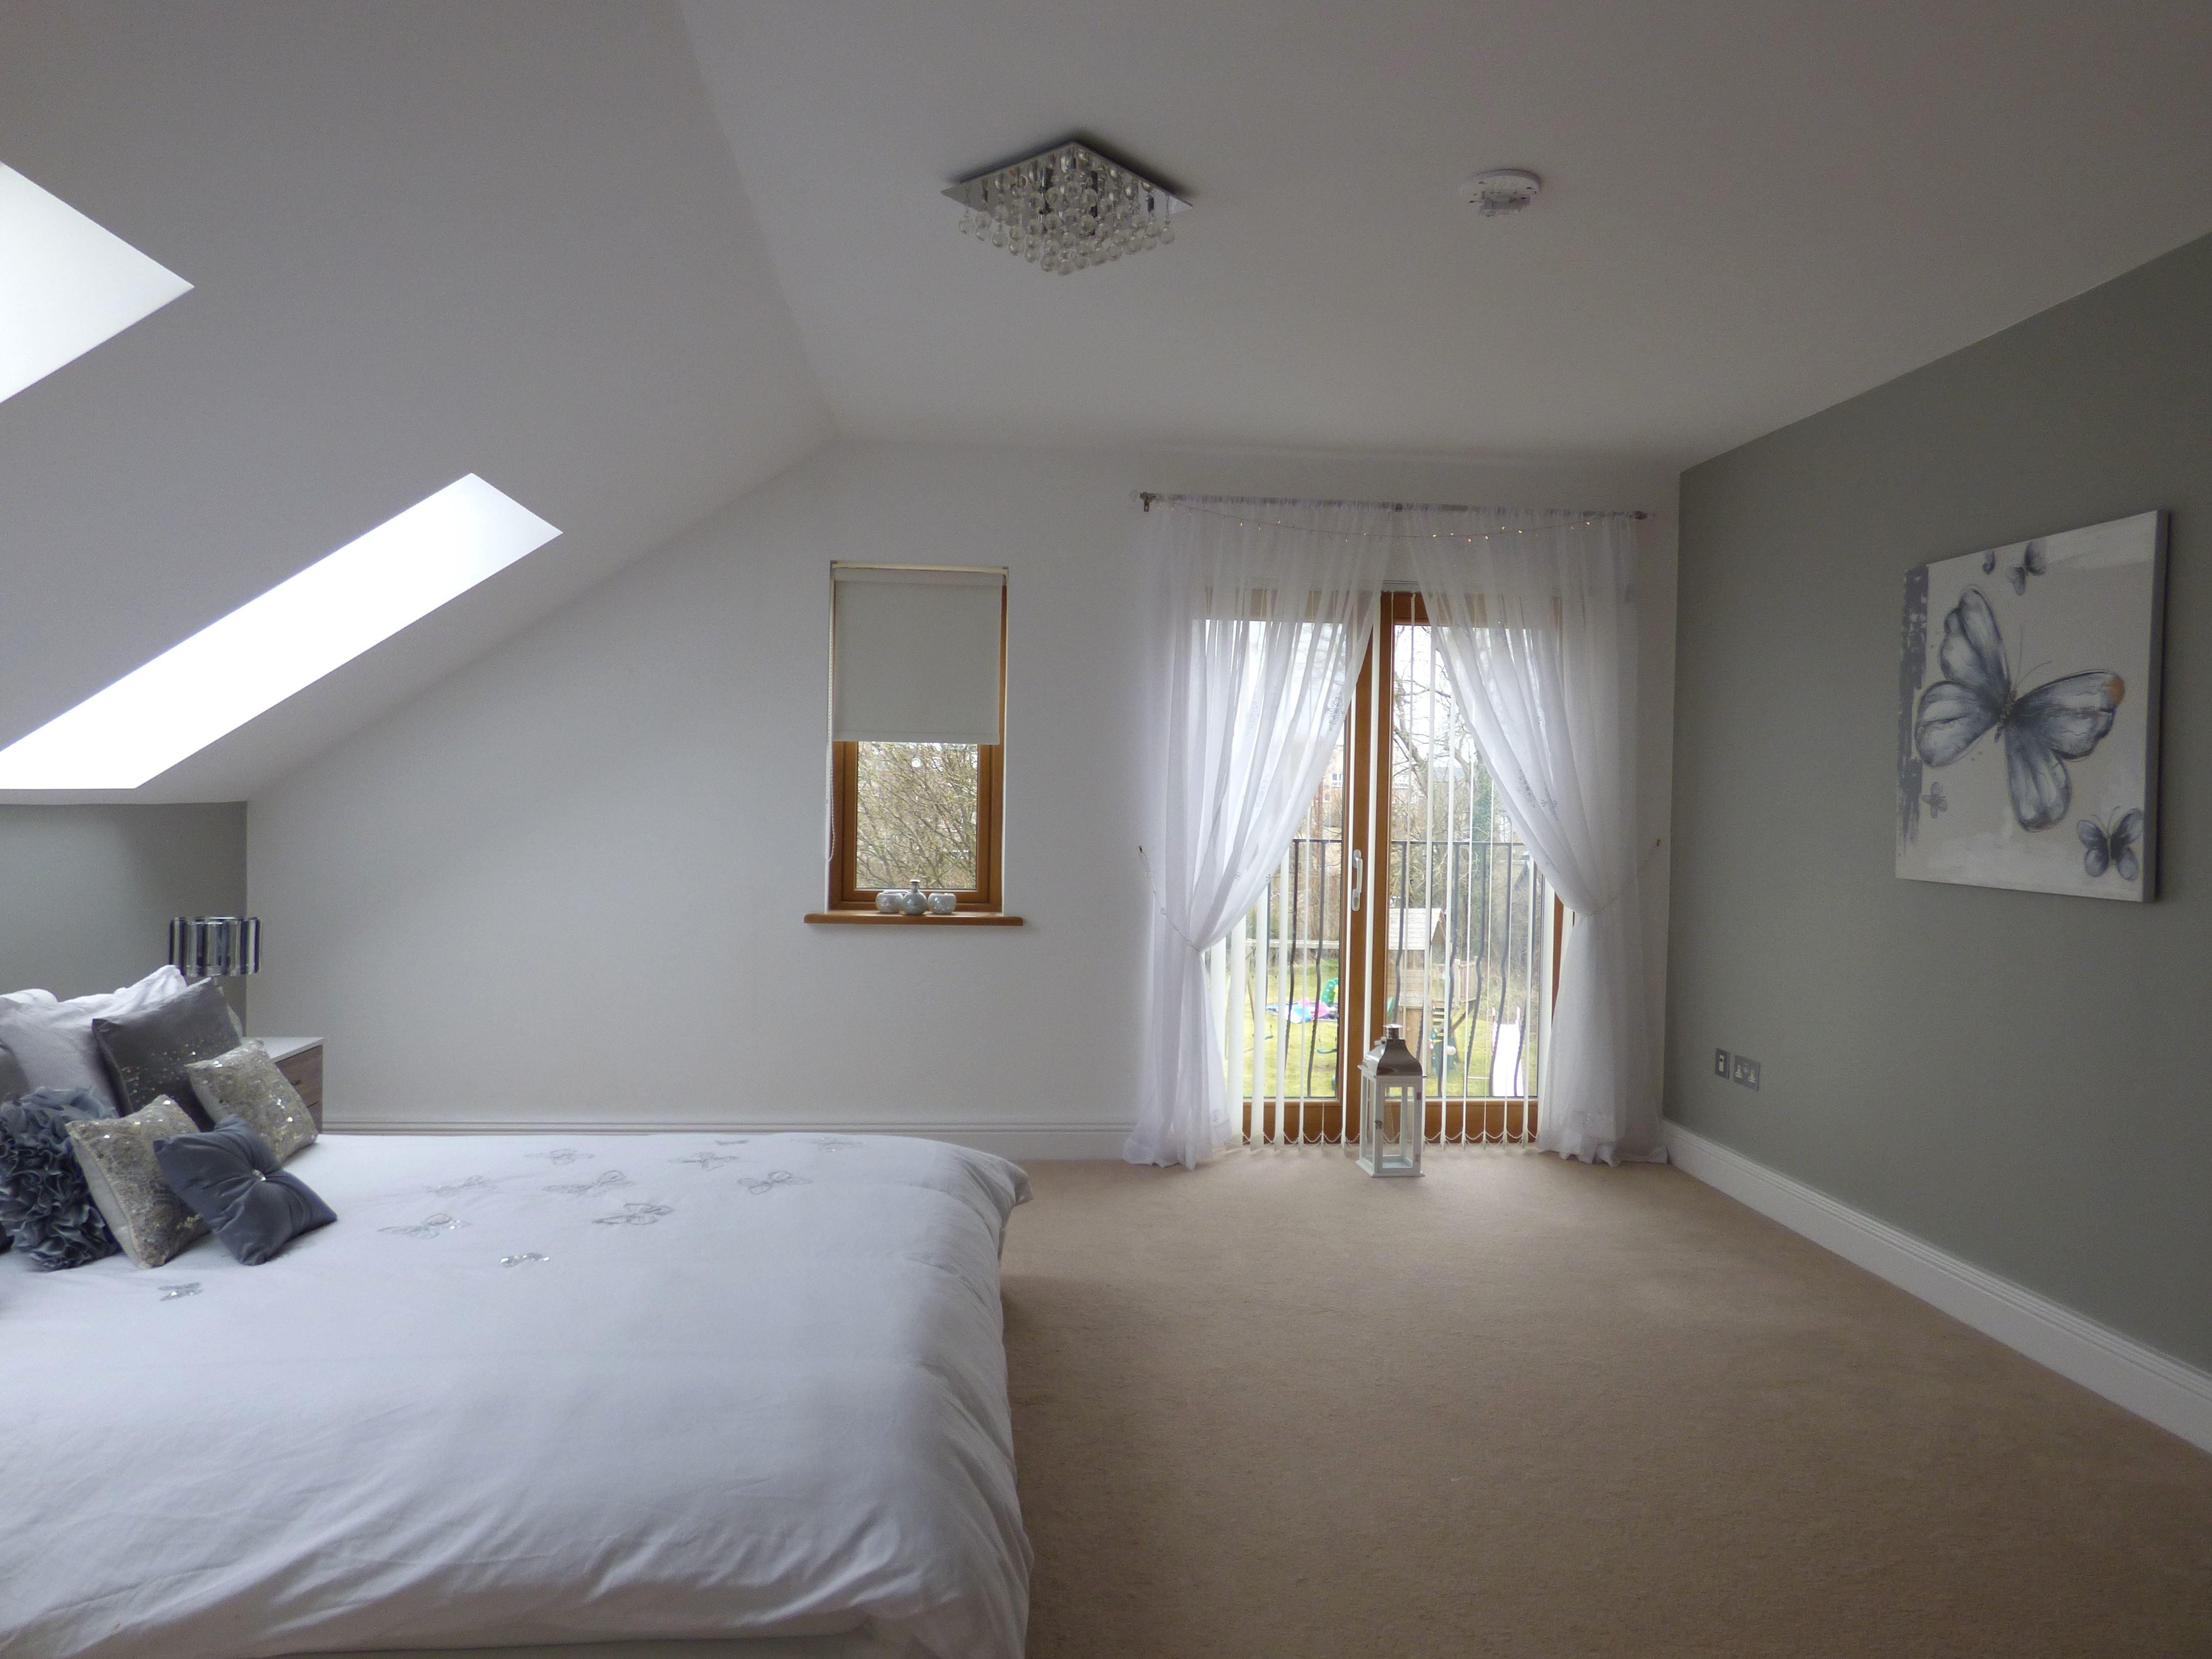 Gratis Billede Interior Design Lampe Luksus Moderne Lejlighed Arkitektur Seng Sovevaerelse